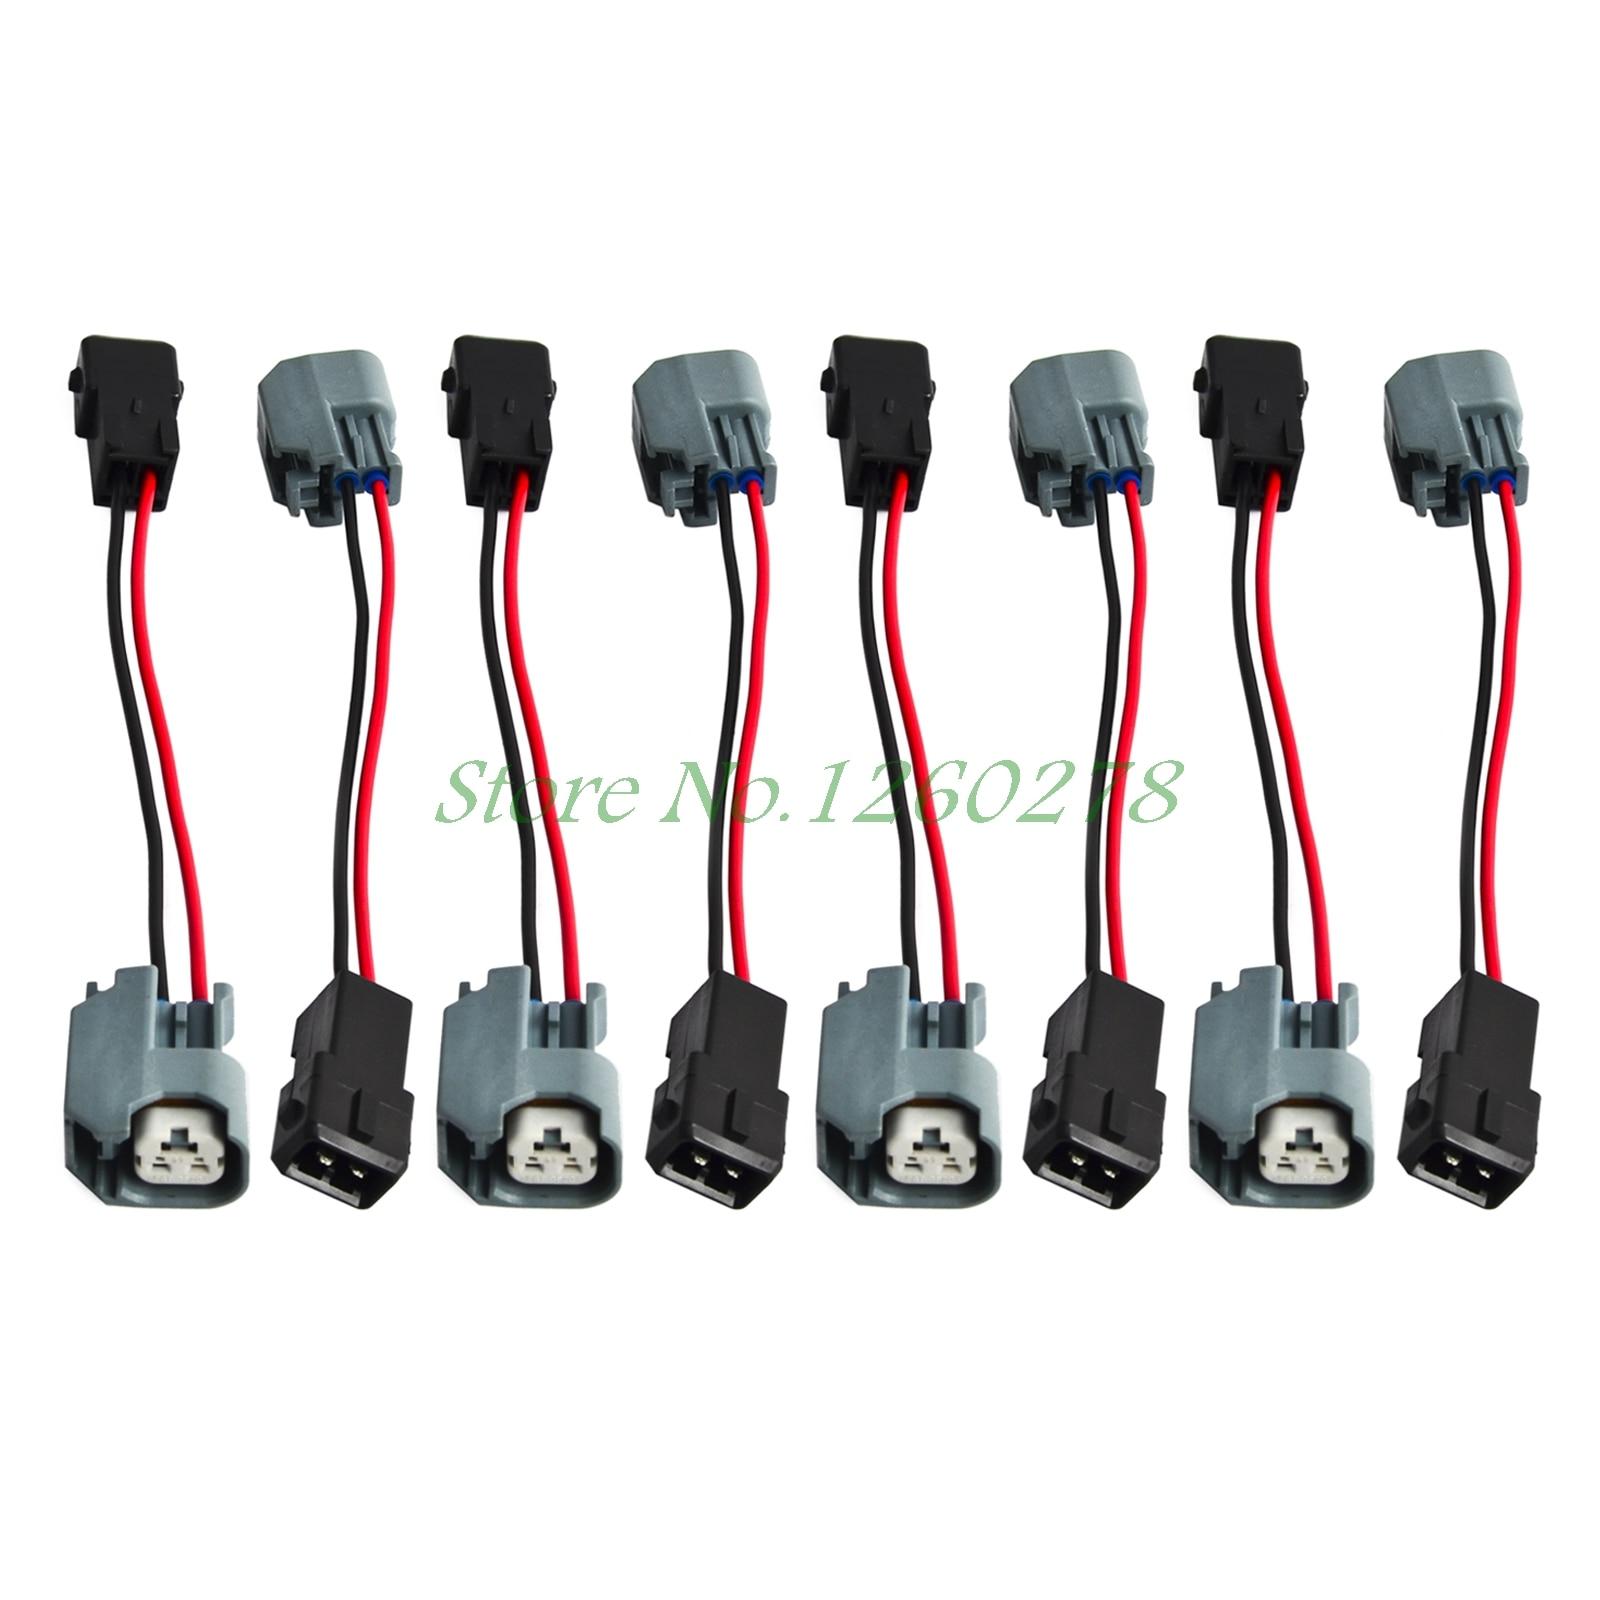 Motor del inyector de combustible arnés de cable adaptador de conectores para 8-LS1 LS6 LT1 EV1 motor con LS2/LS3/LS7 (EV6)